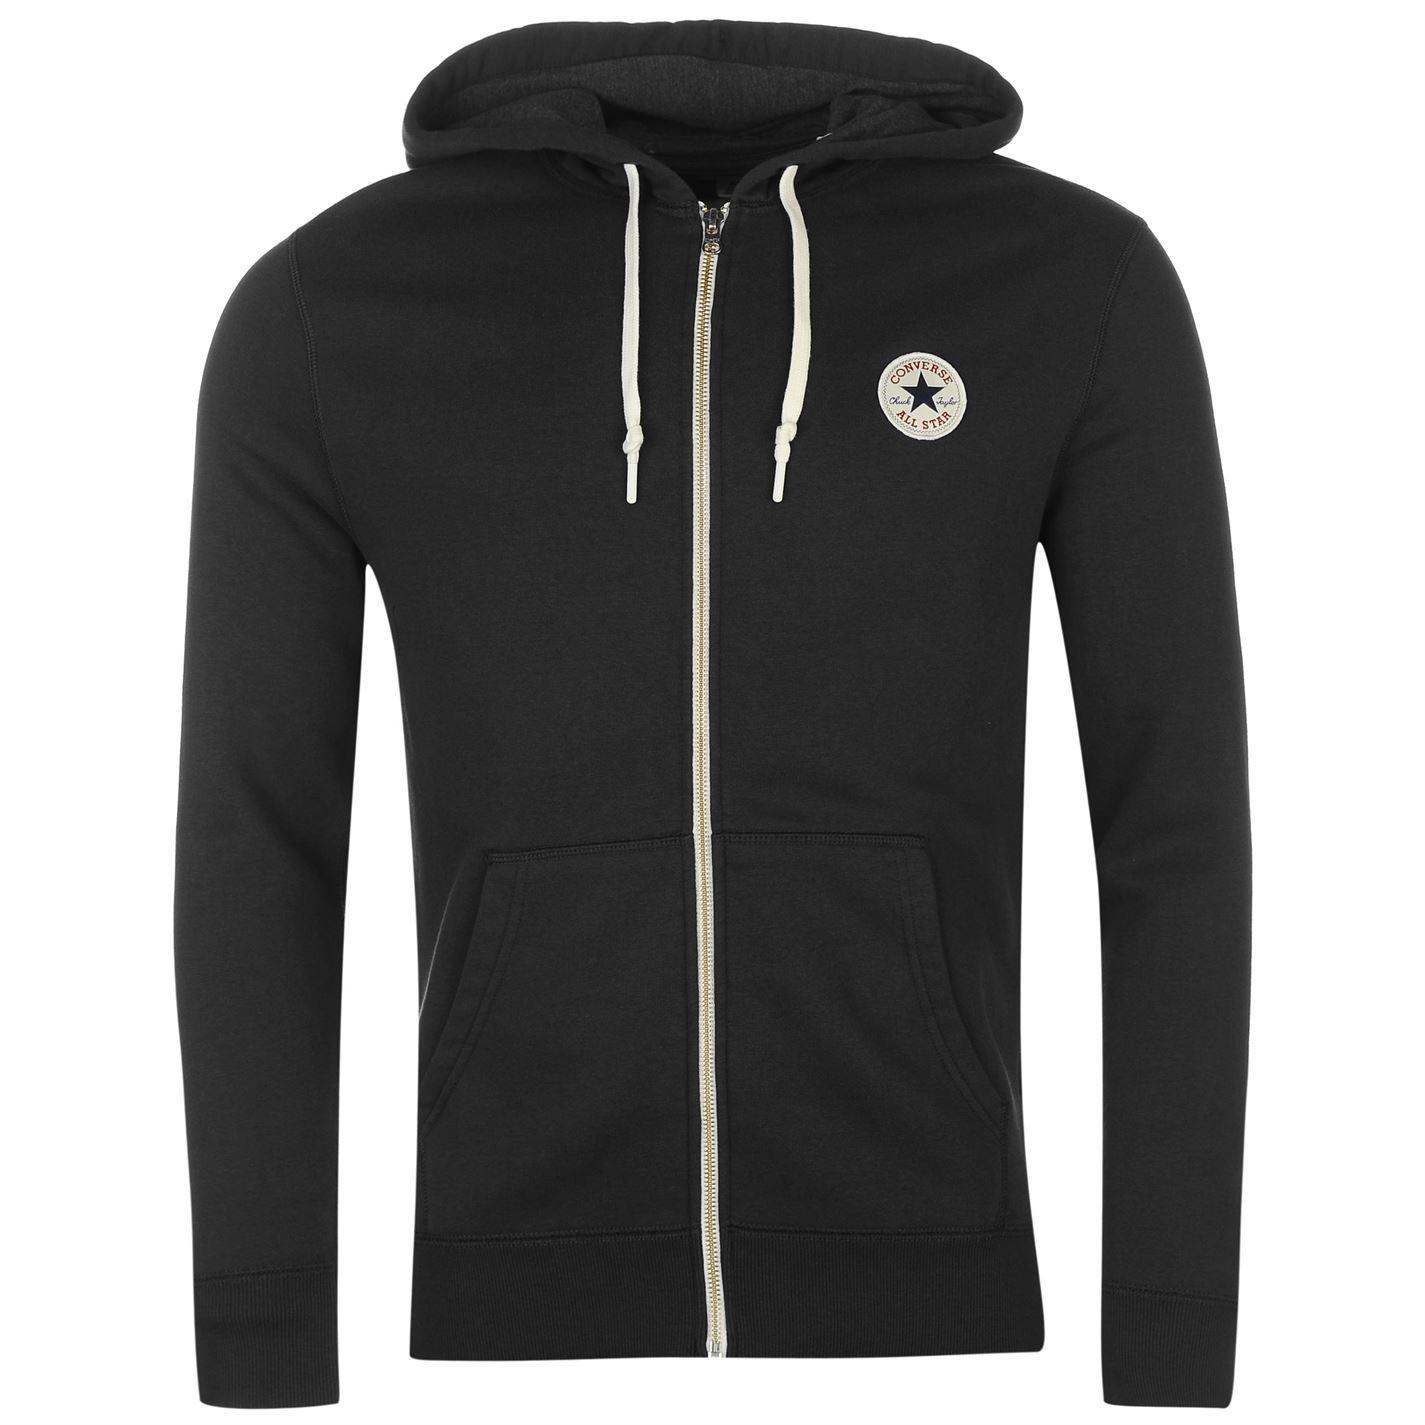 thumbnail 5 - Converse Core Full Zip Hoody Jacket Mens Hoodie Sweatshirt Sweater Hooded Top